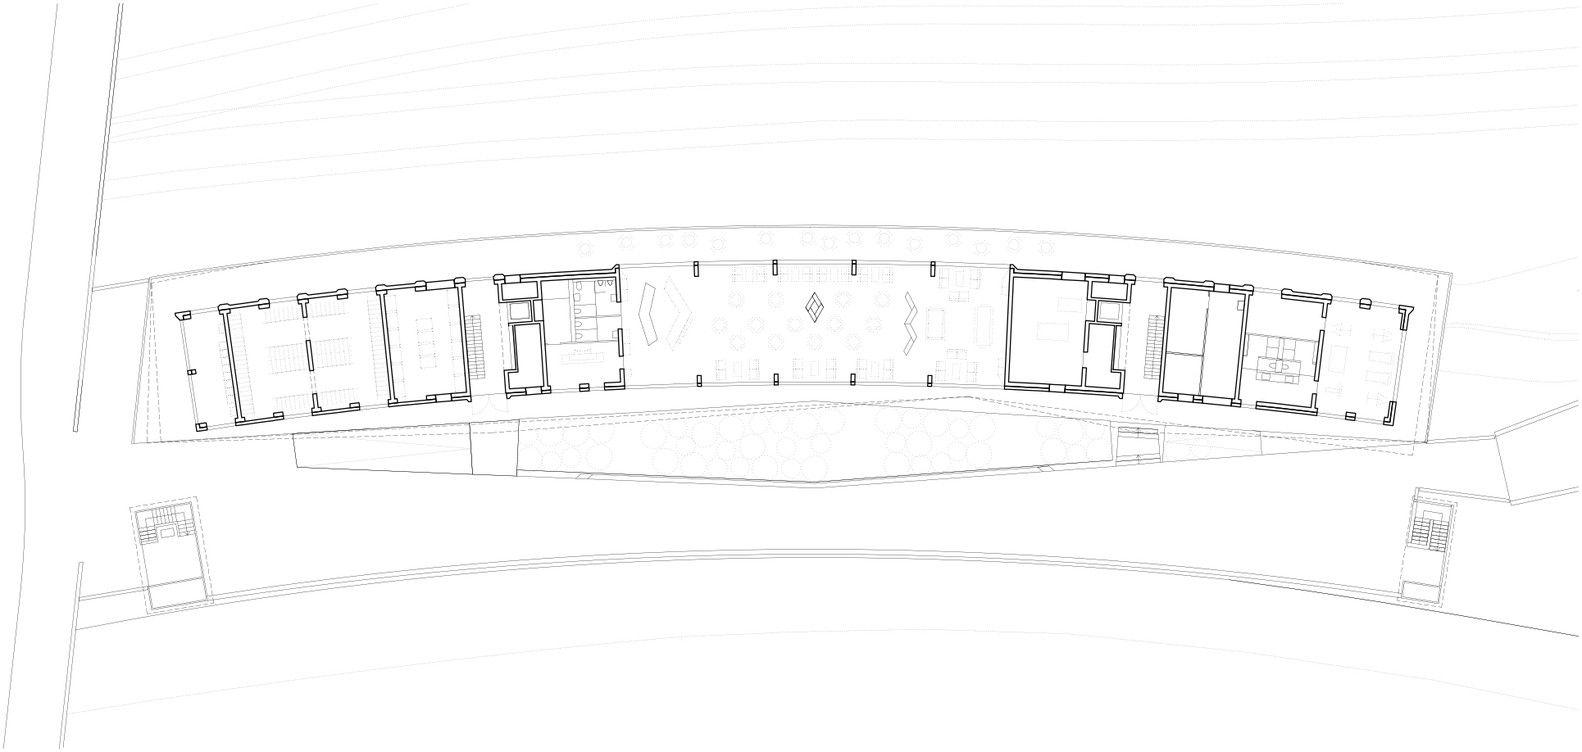 Galeria de Residência Estudantil / Lacroix Chessex - 35